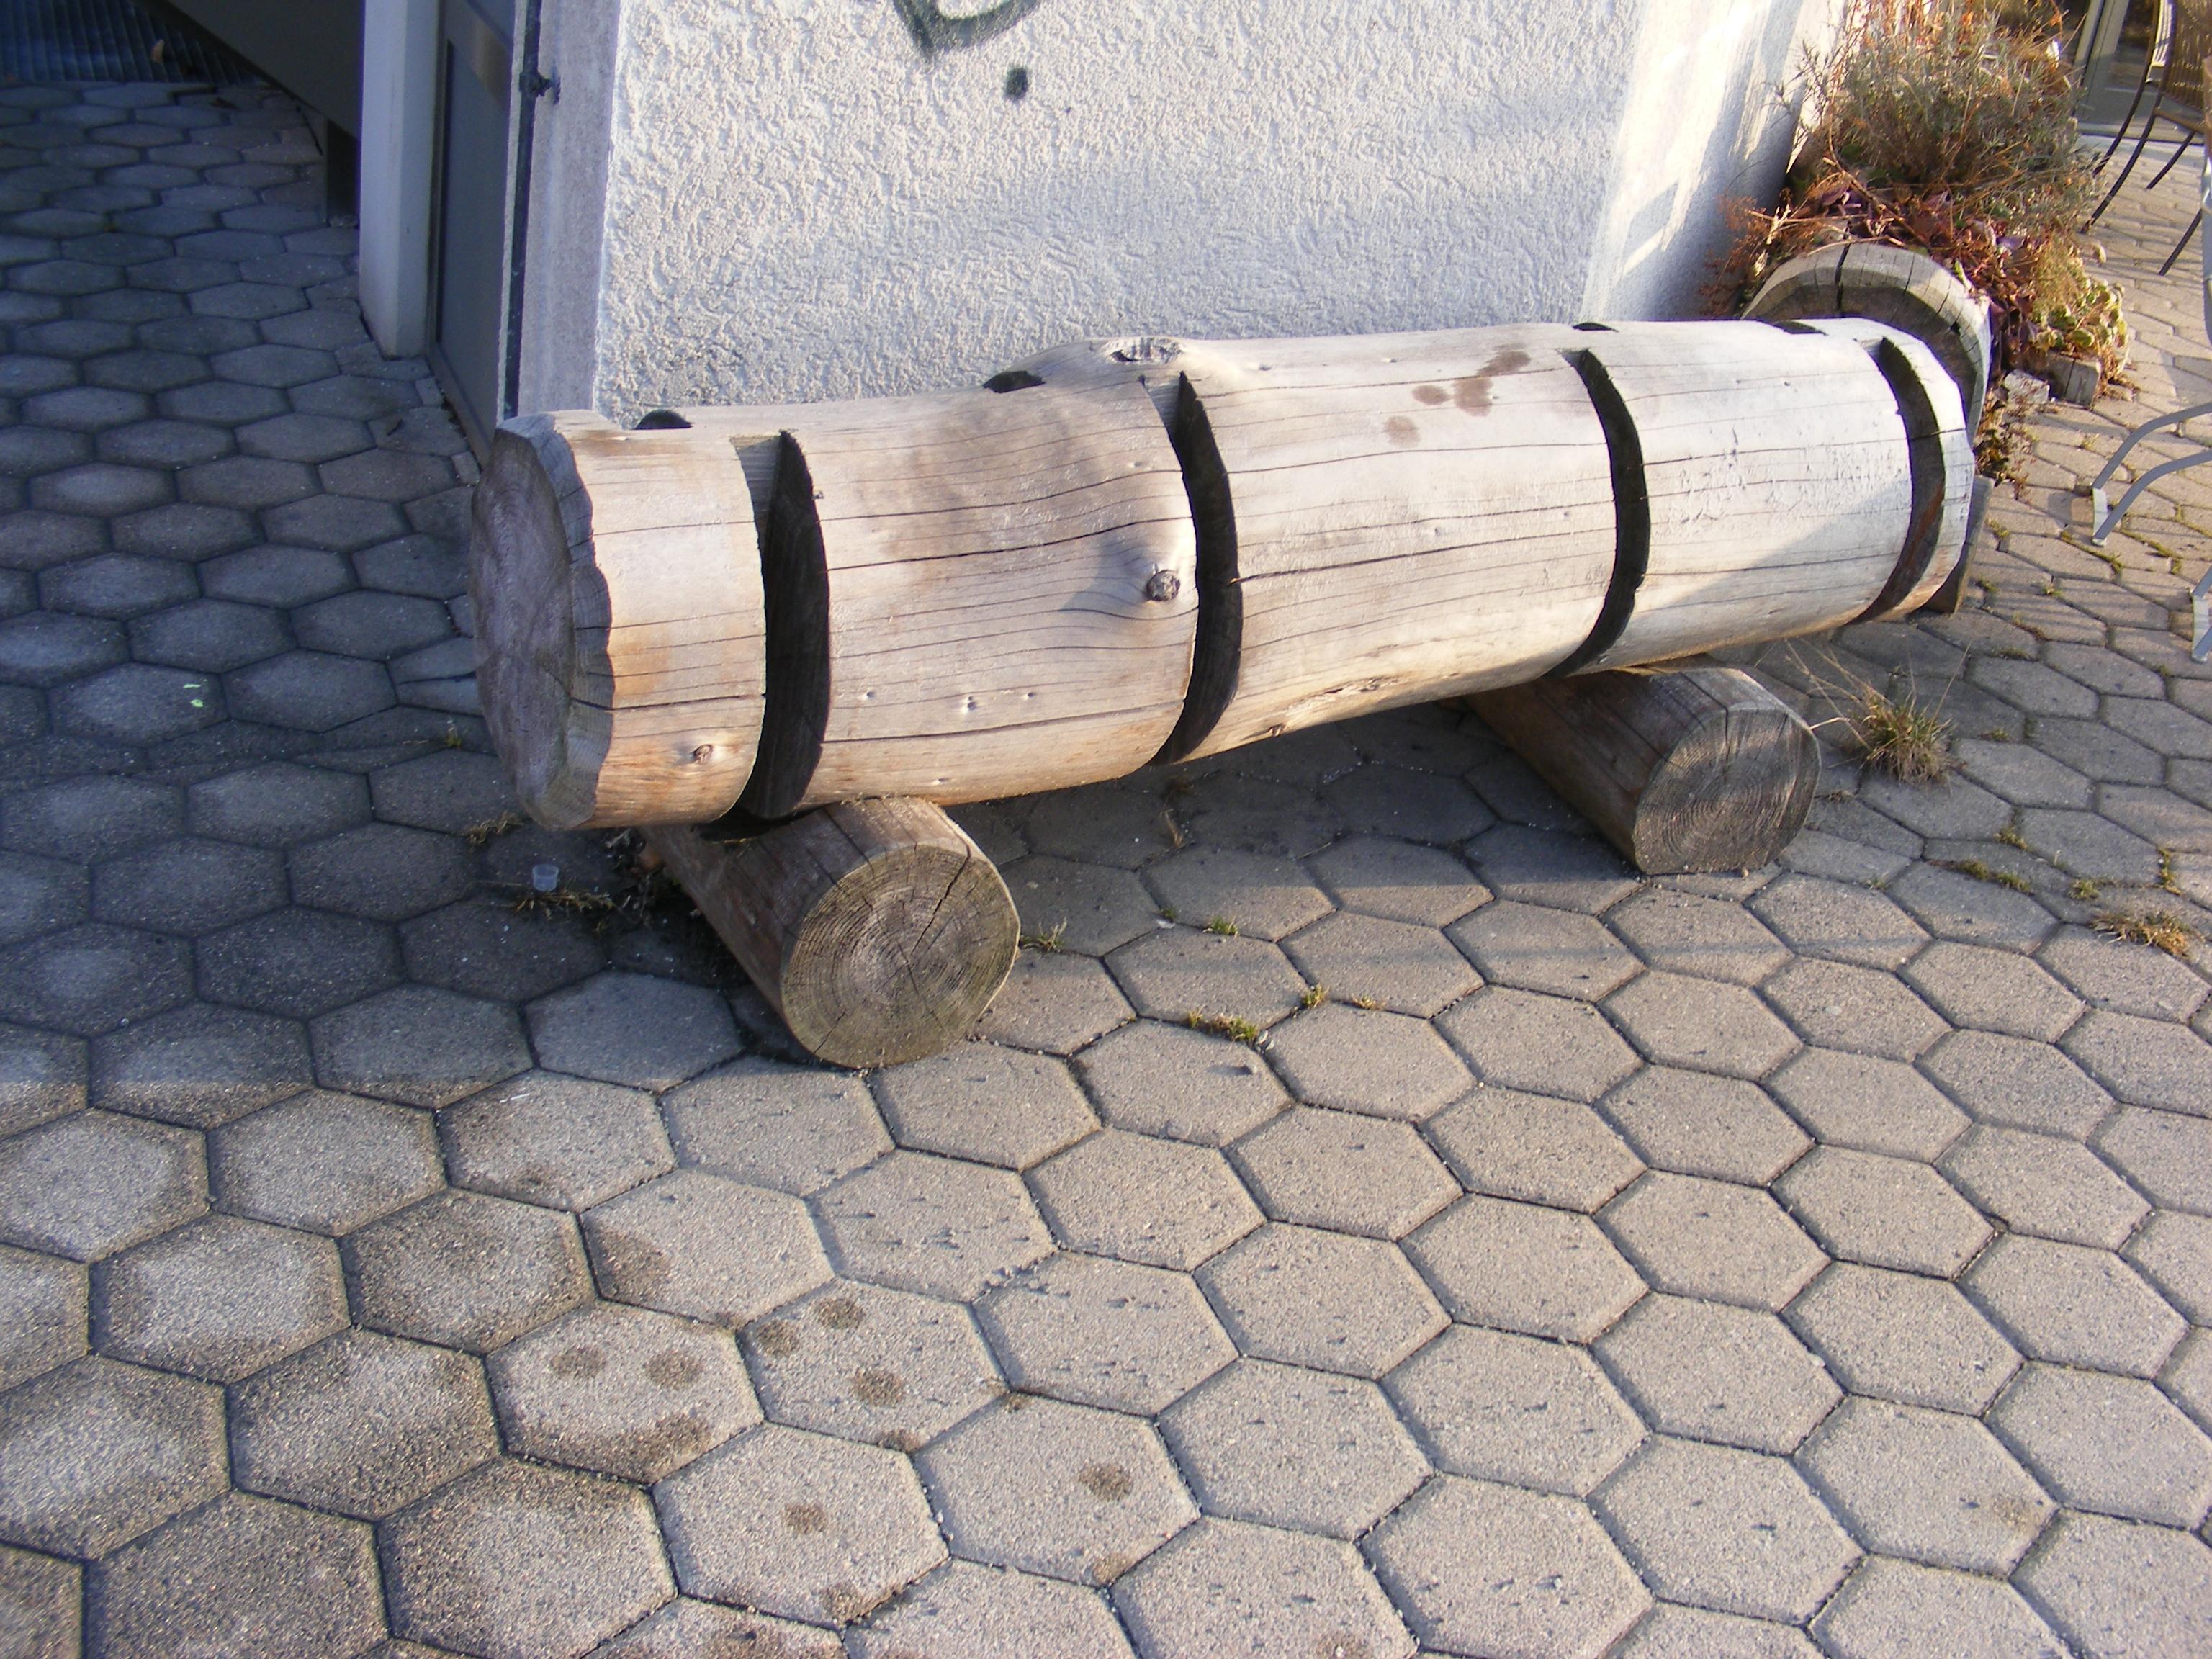 file bayreuth fahrradst nder baumstamm jpg wikimedia commons. Black Bedroom Furniture Sets. Home Design Ideas